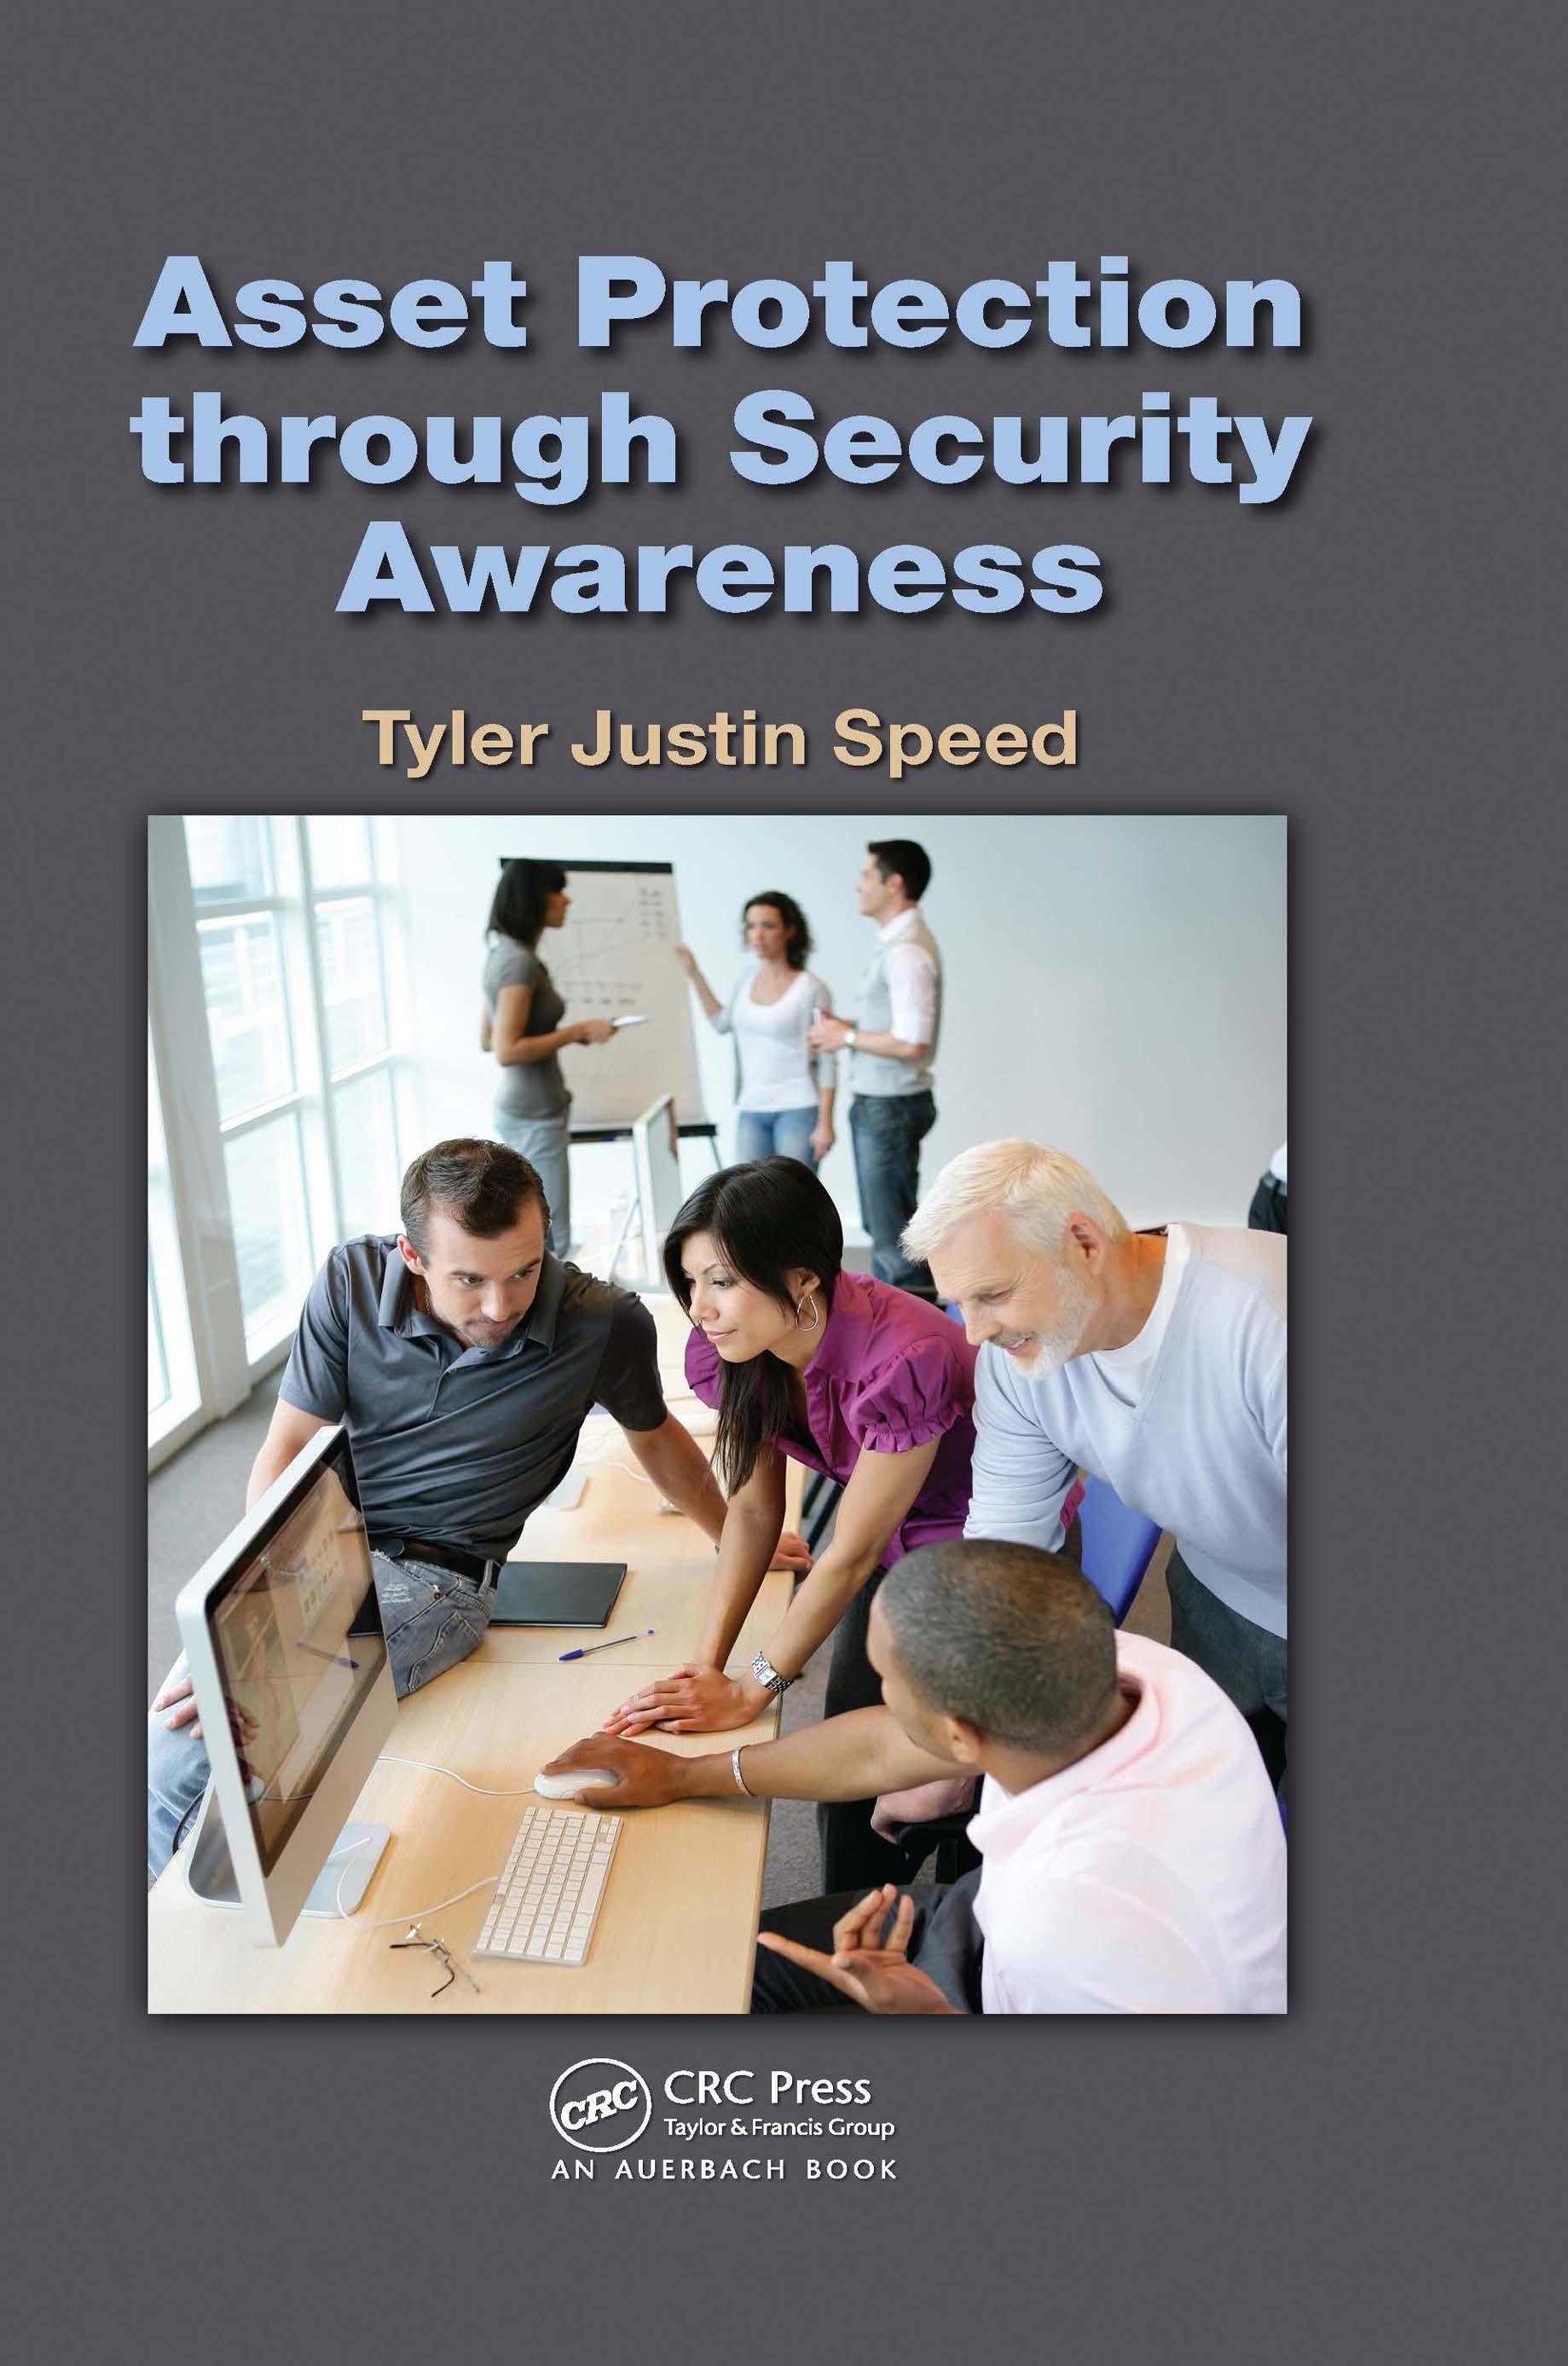 Asset Protection through Security Awareness